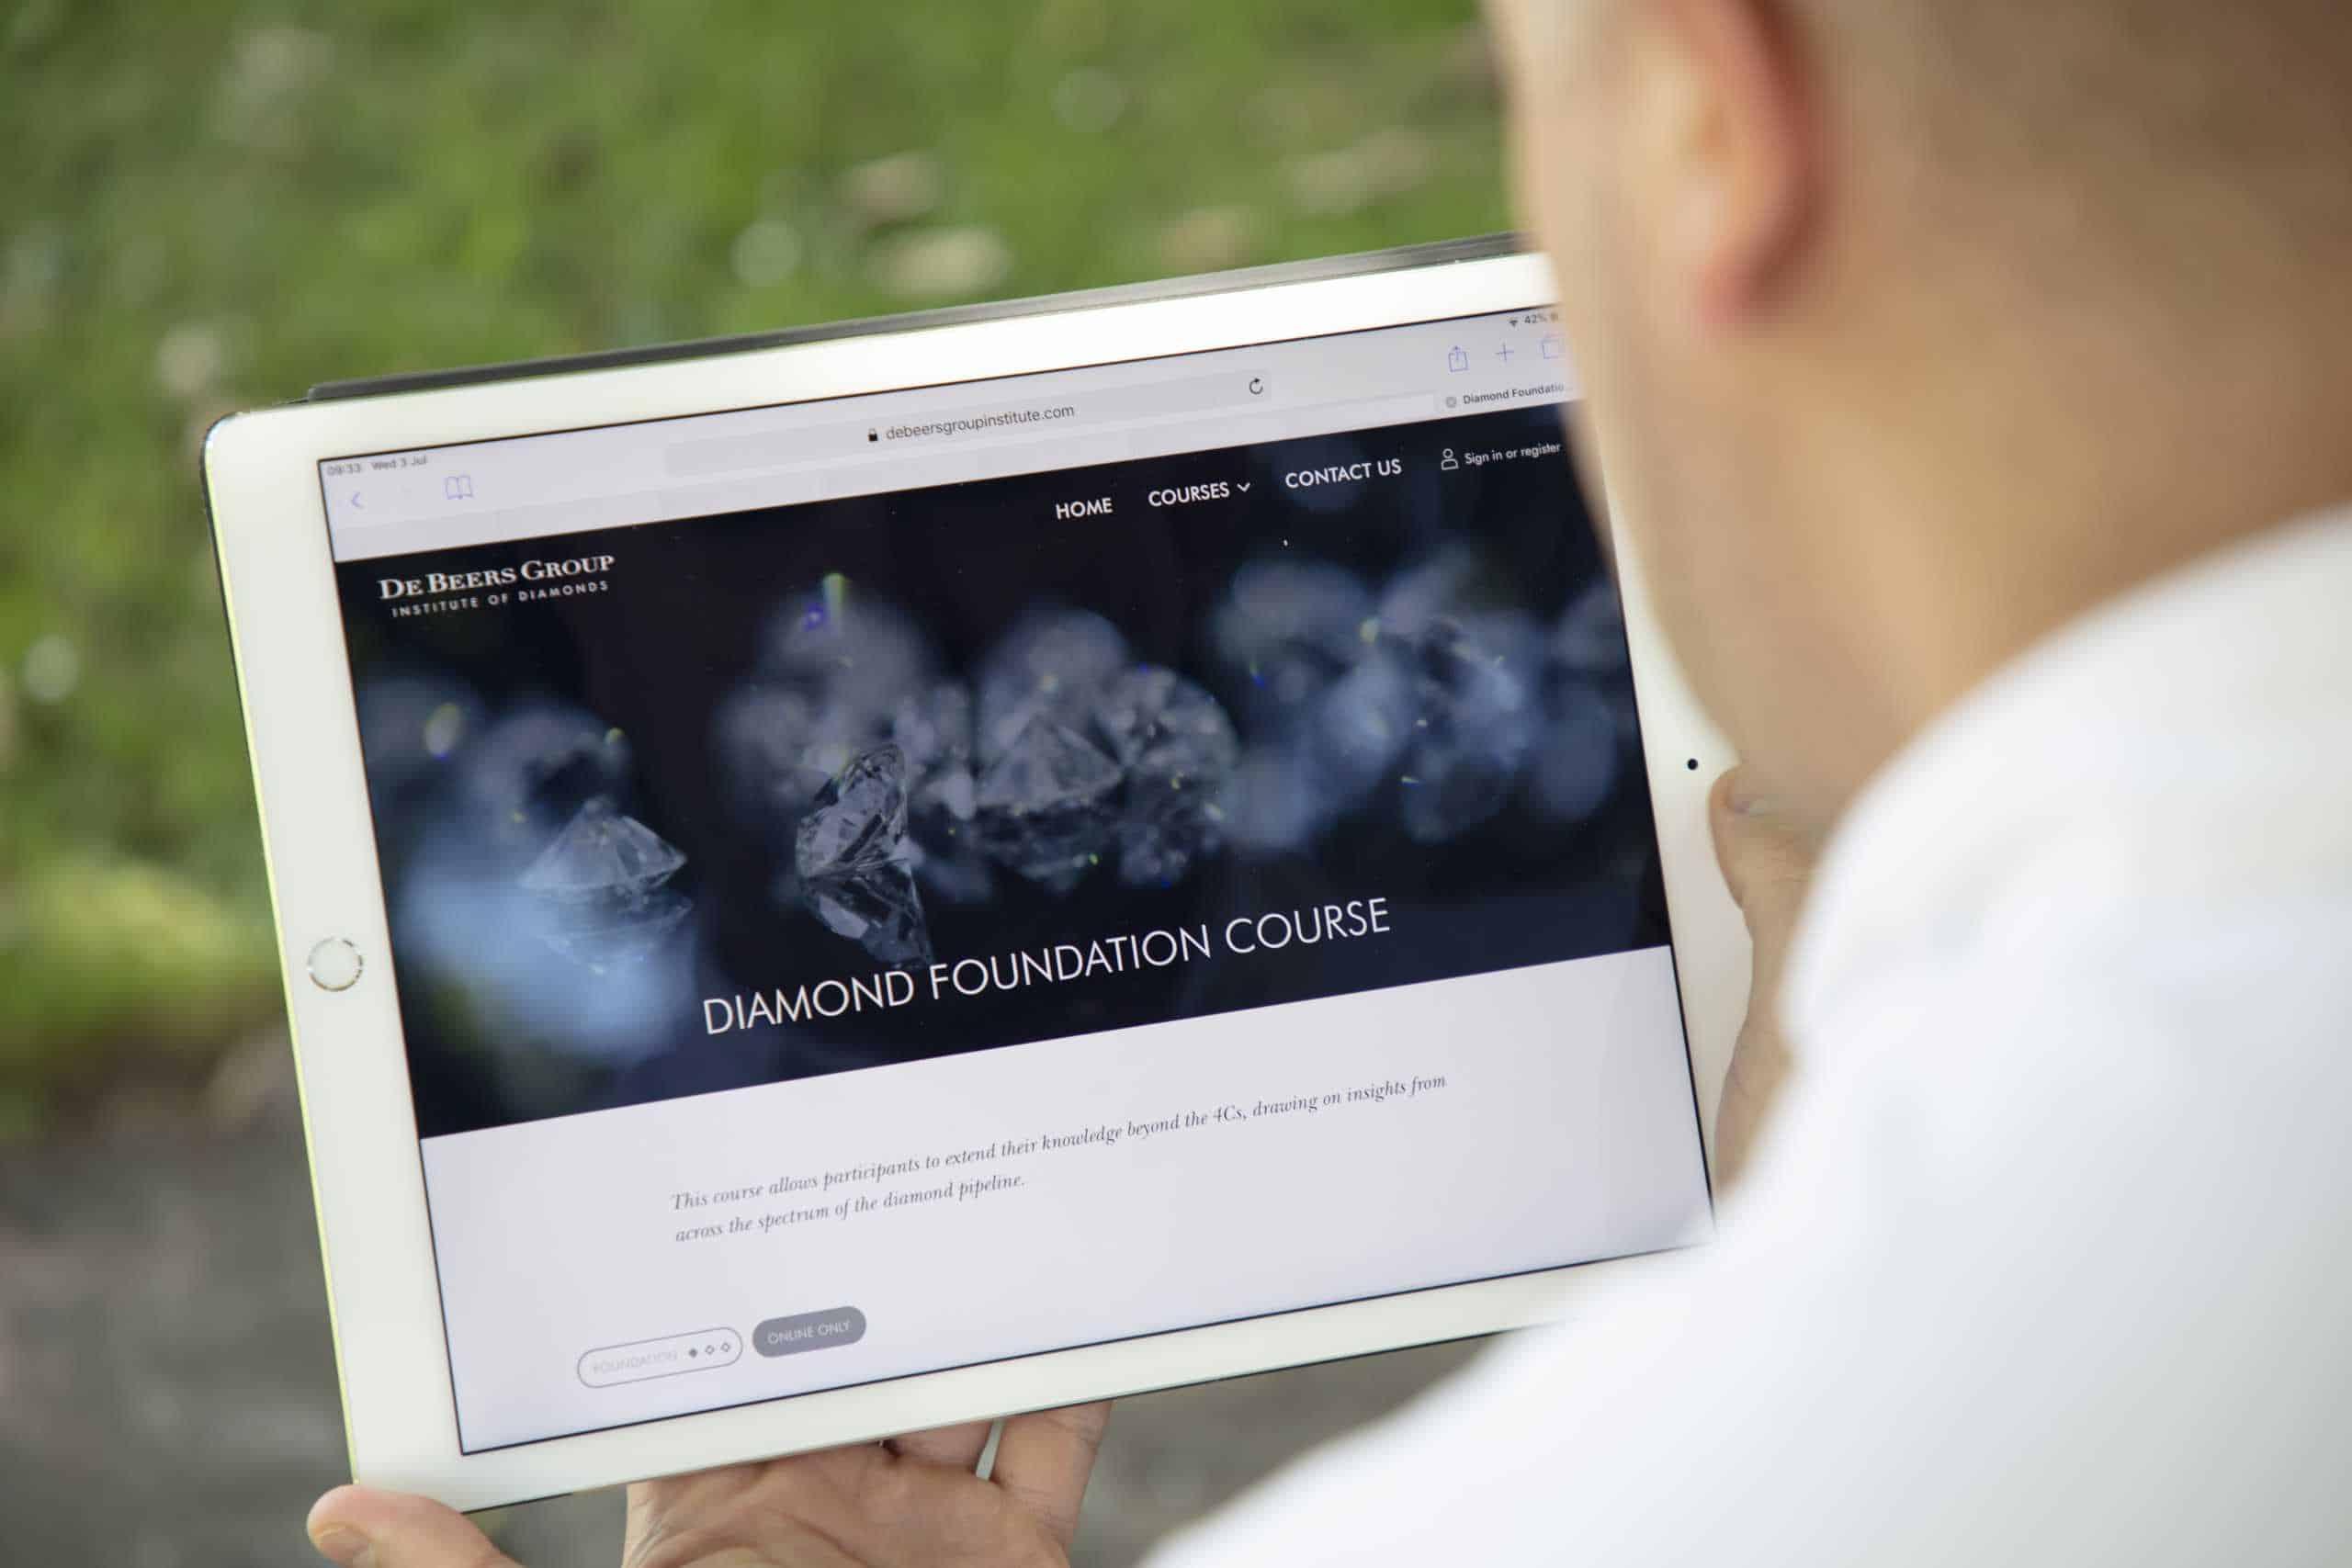 Diamond Foundation Course